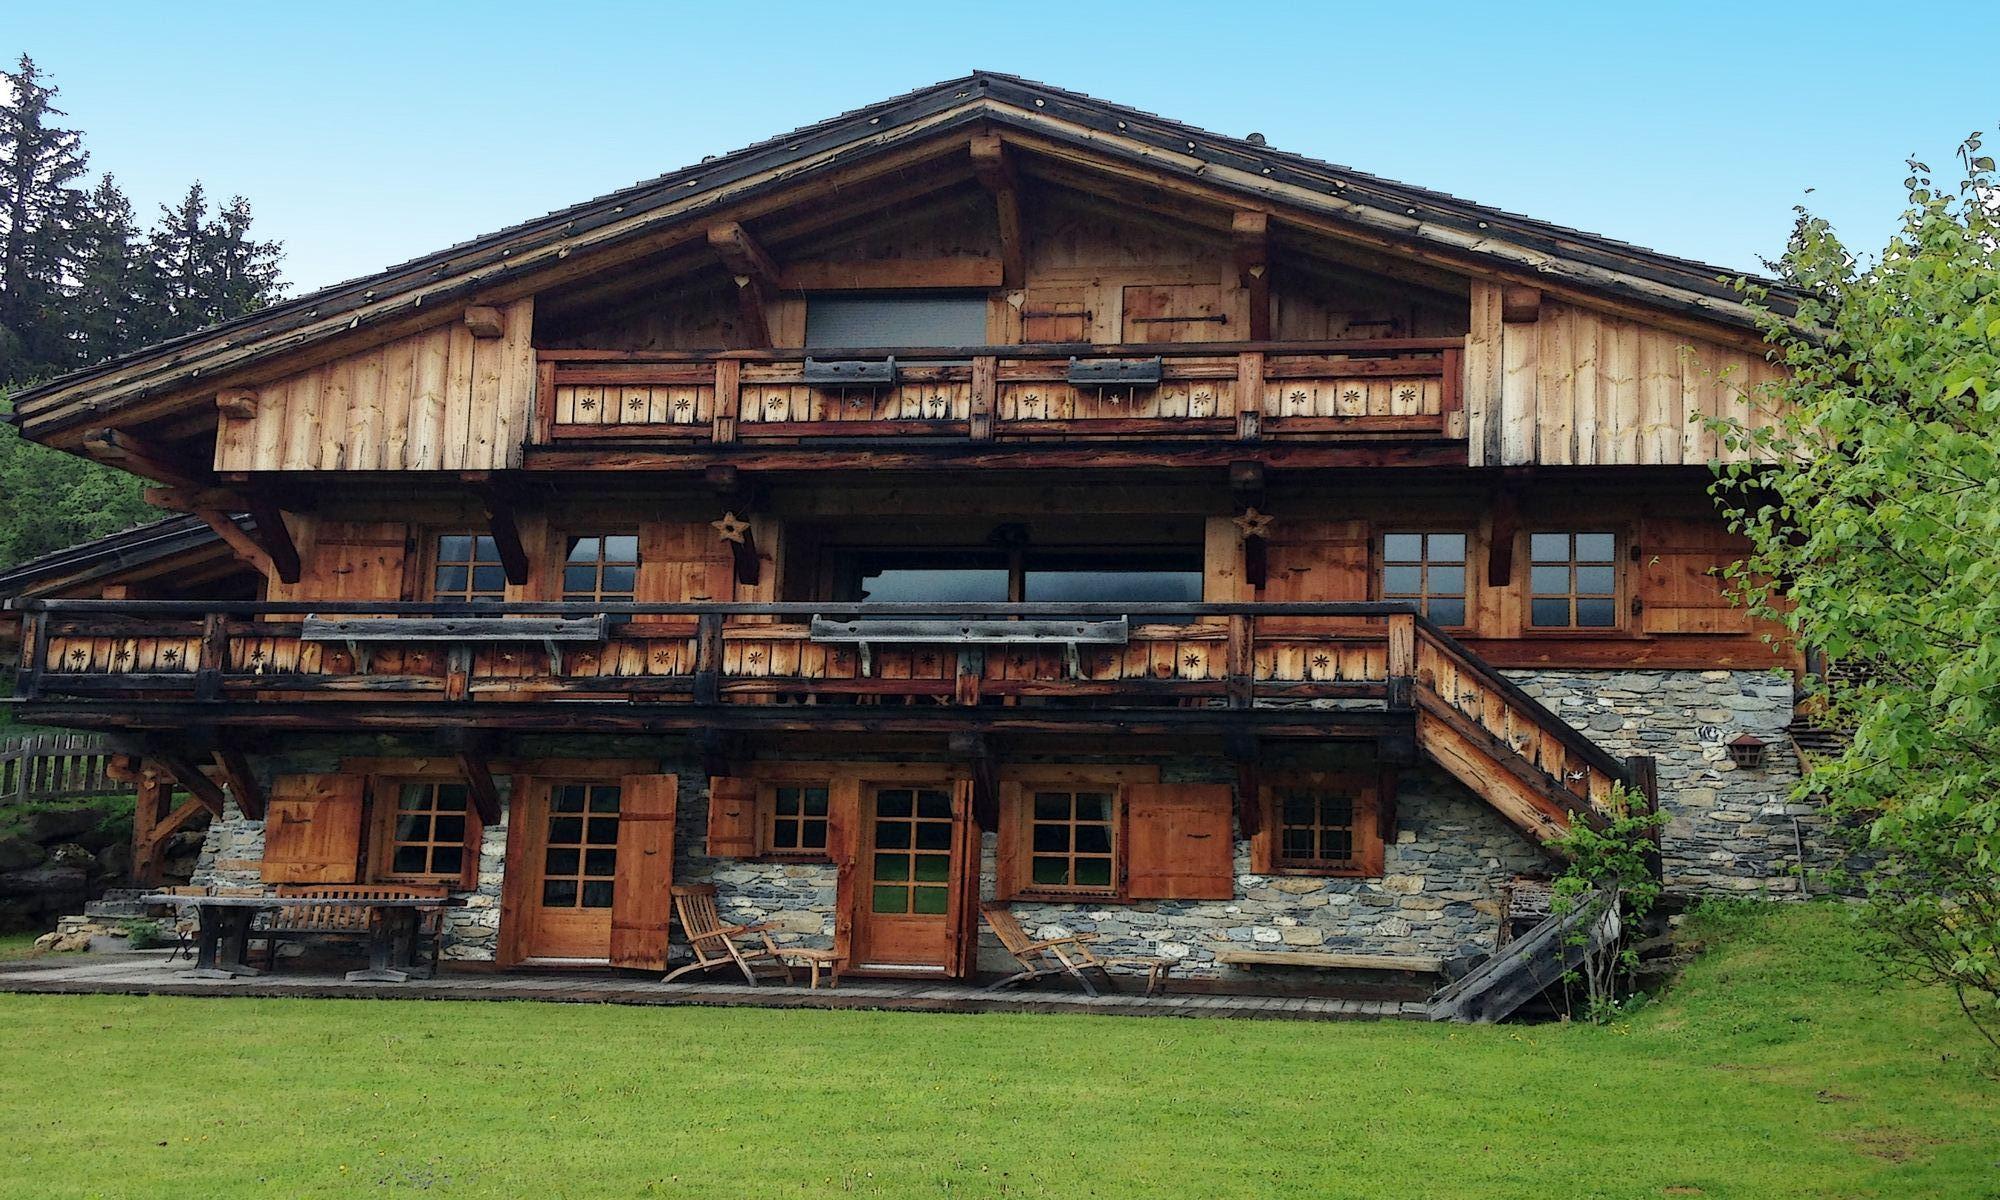 Property For Sale at Côte 2000 Megève Chalet Neige